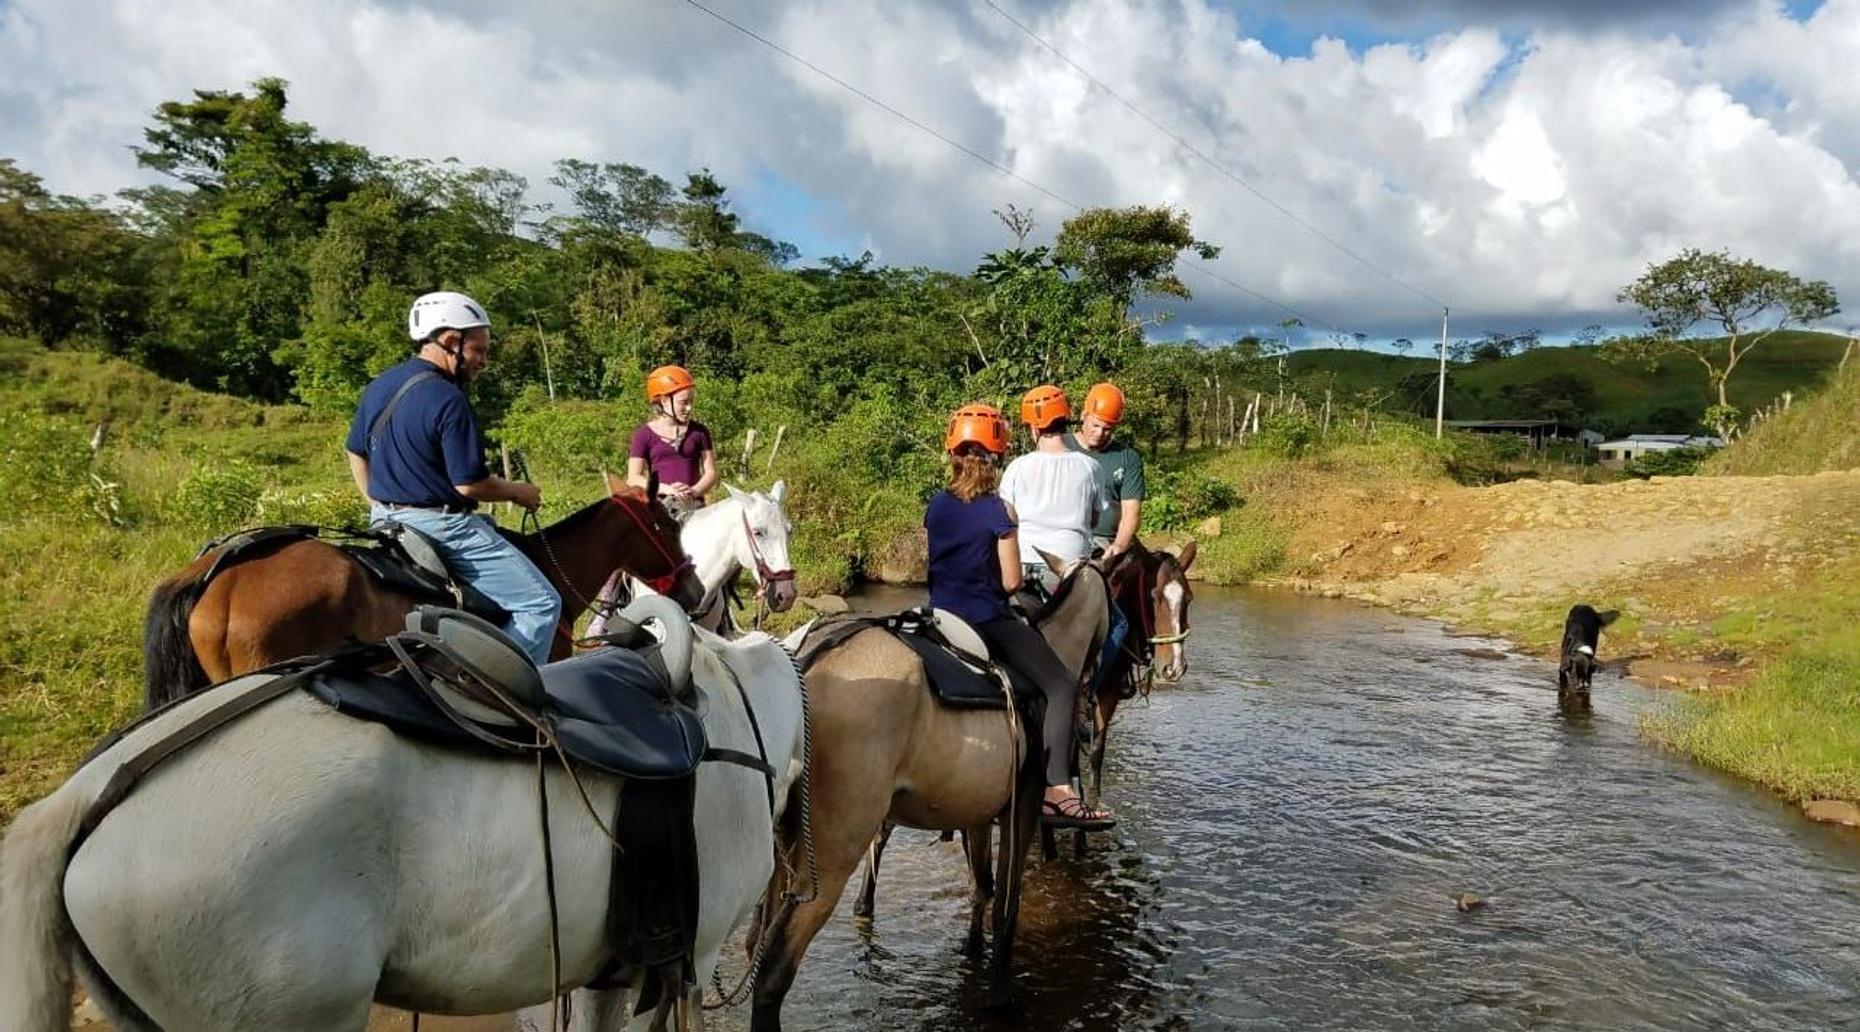 2-Hour Guided Horseback Riding Tour